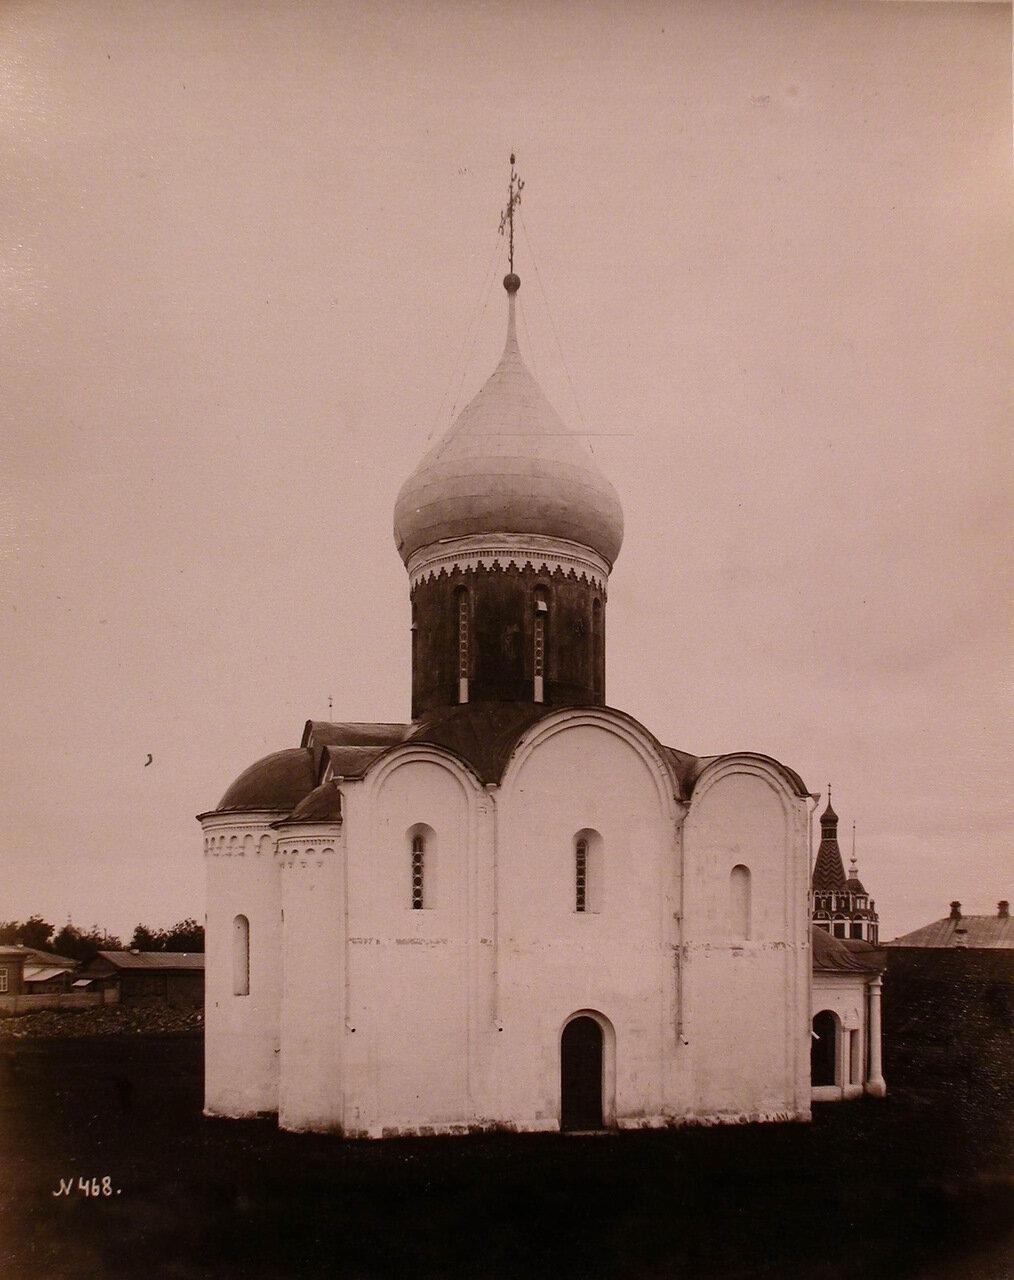 Вид северо-восточного фасада собора Спаса Преображения (закладка - в 1152 г.,завершение постройки - в 1257 г.)